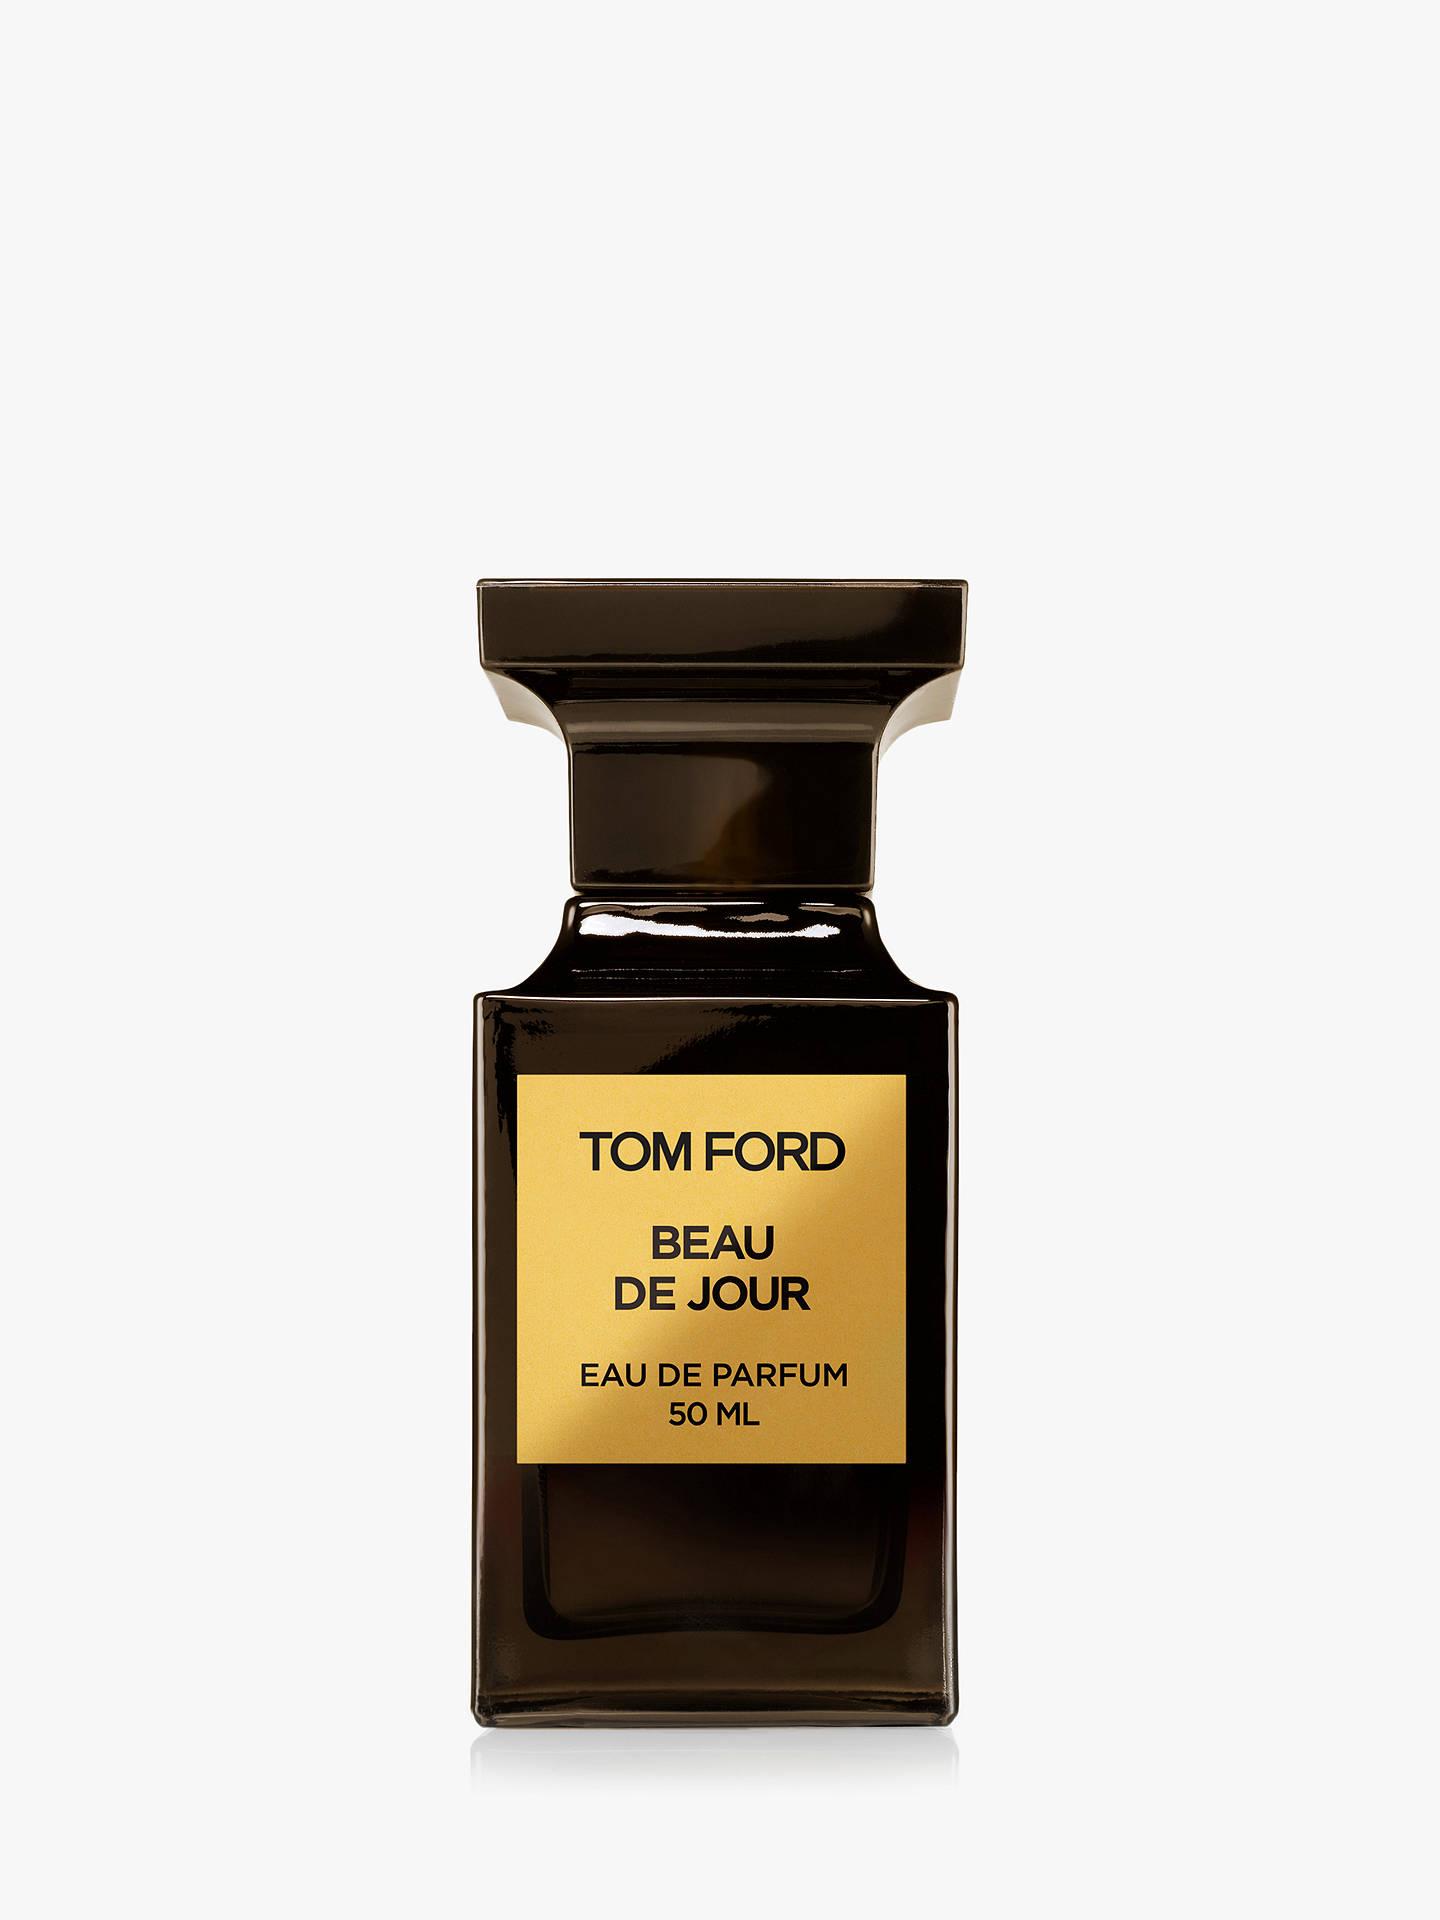 TOM FORD Beau de Jour Eau de Parfum at John Lewis   Partners df700c3b5c